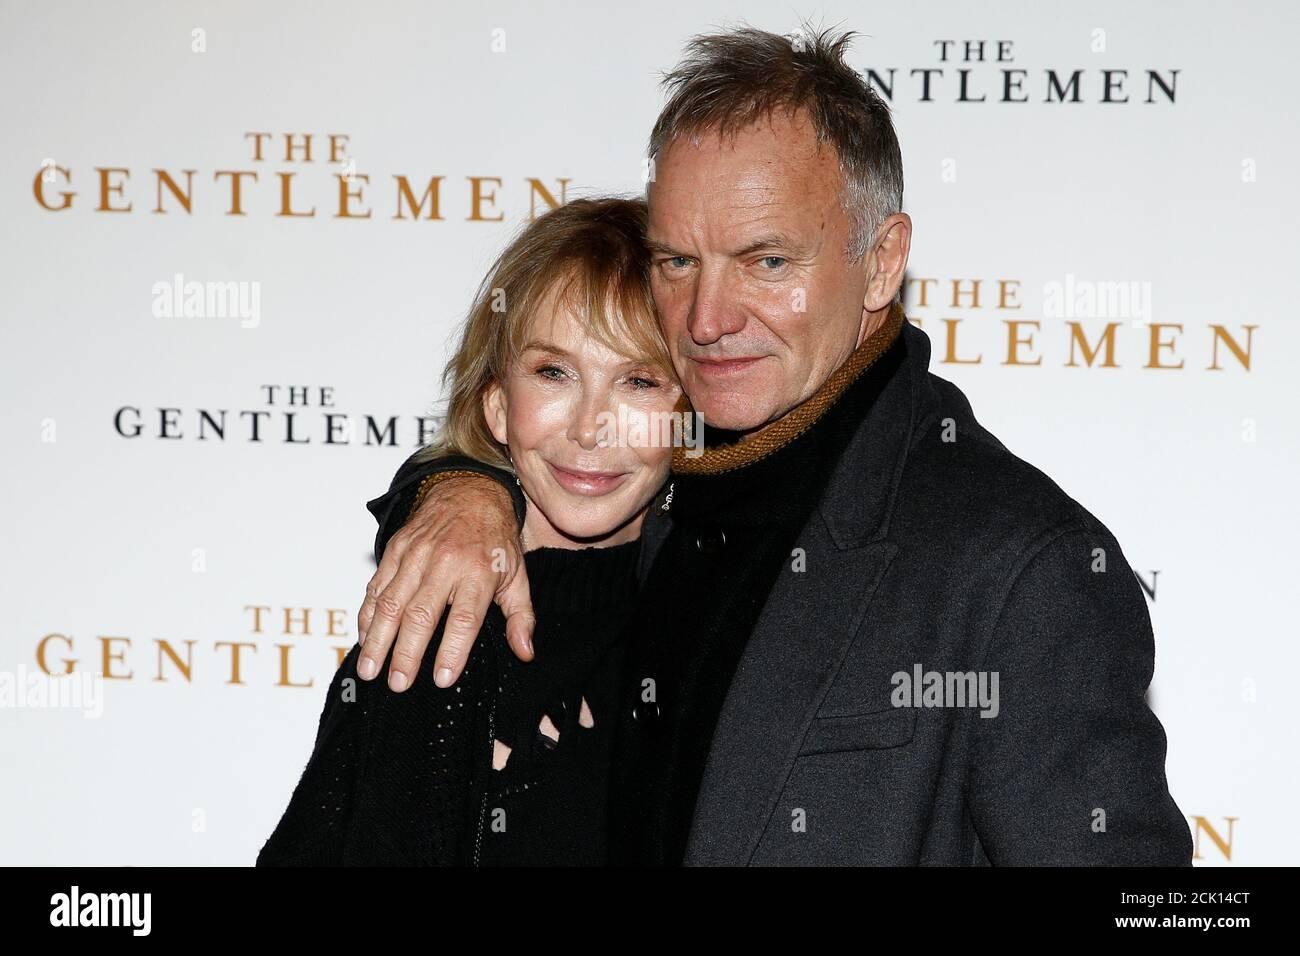 Sänger Sting und seine Frau Trudie Styler posieren, als sie am 3. Dezember 2019 zu einer Sondervorführung von 'The Gentlemen' in London, Großbritannien, eintreffen. REUTERS/Henry Nicholls Stockfoto